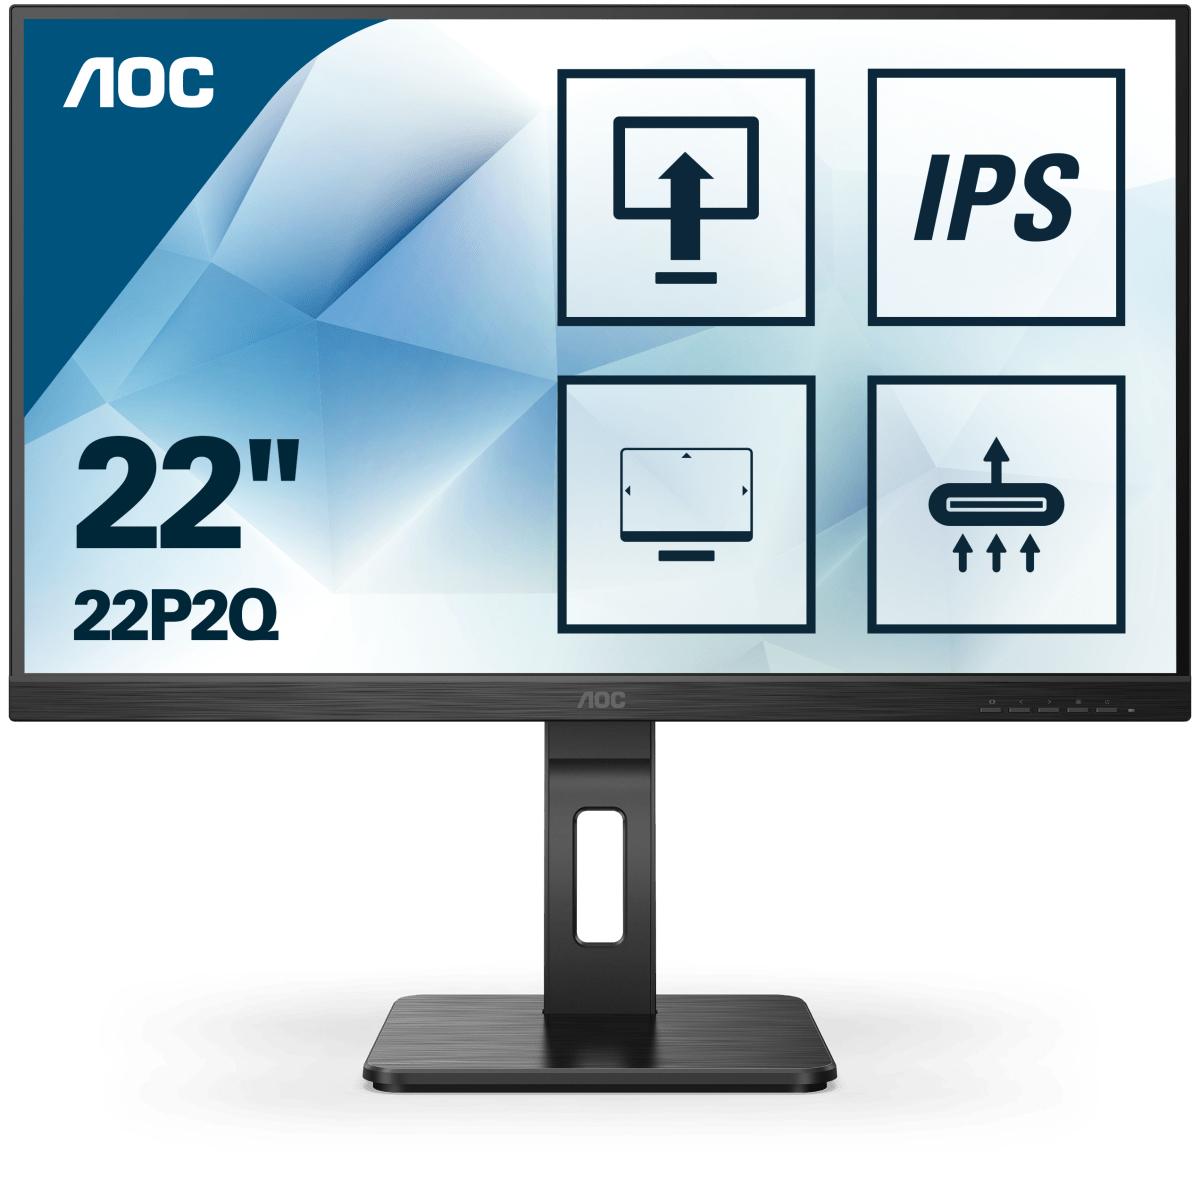 AOC 22P2Q LED display 54.6 cm (21.5